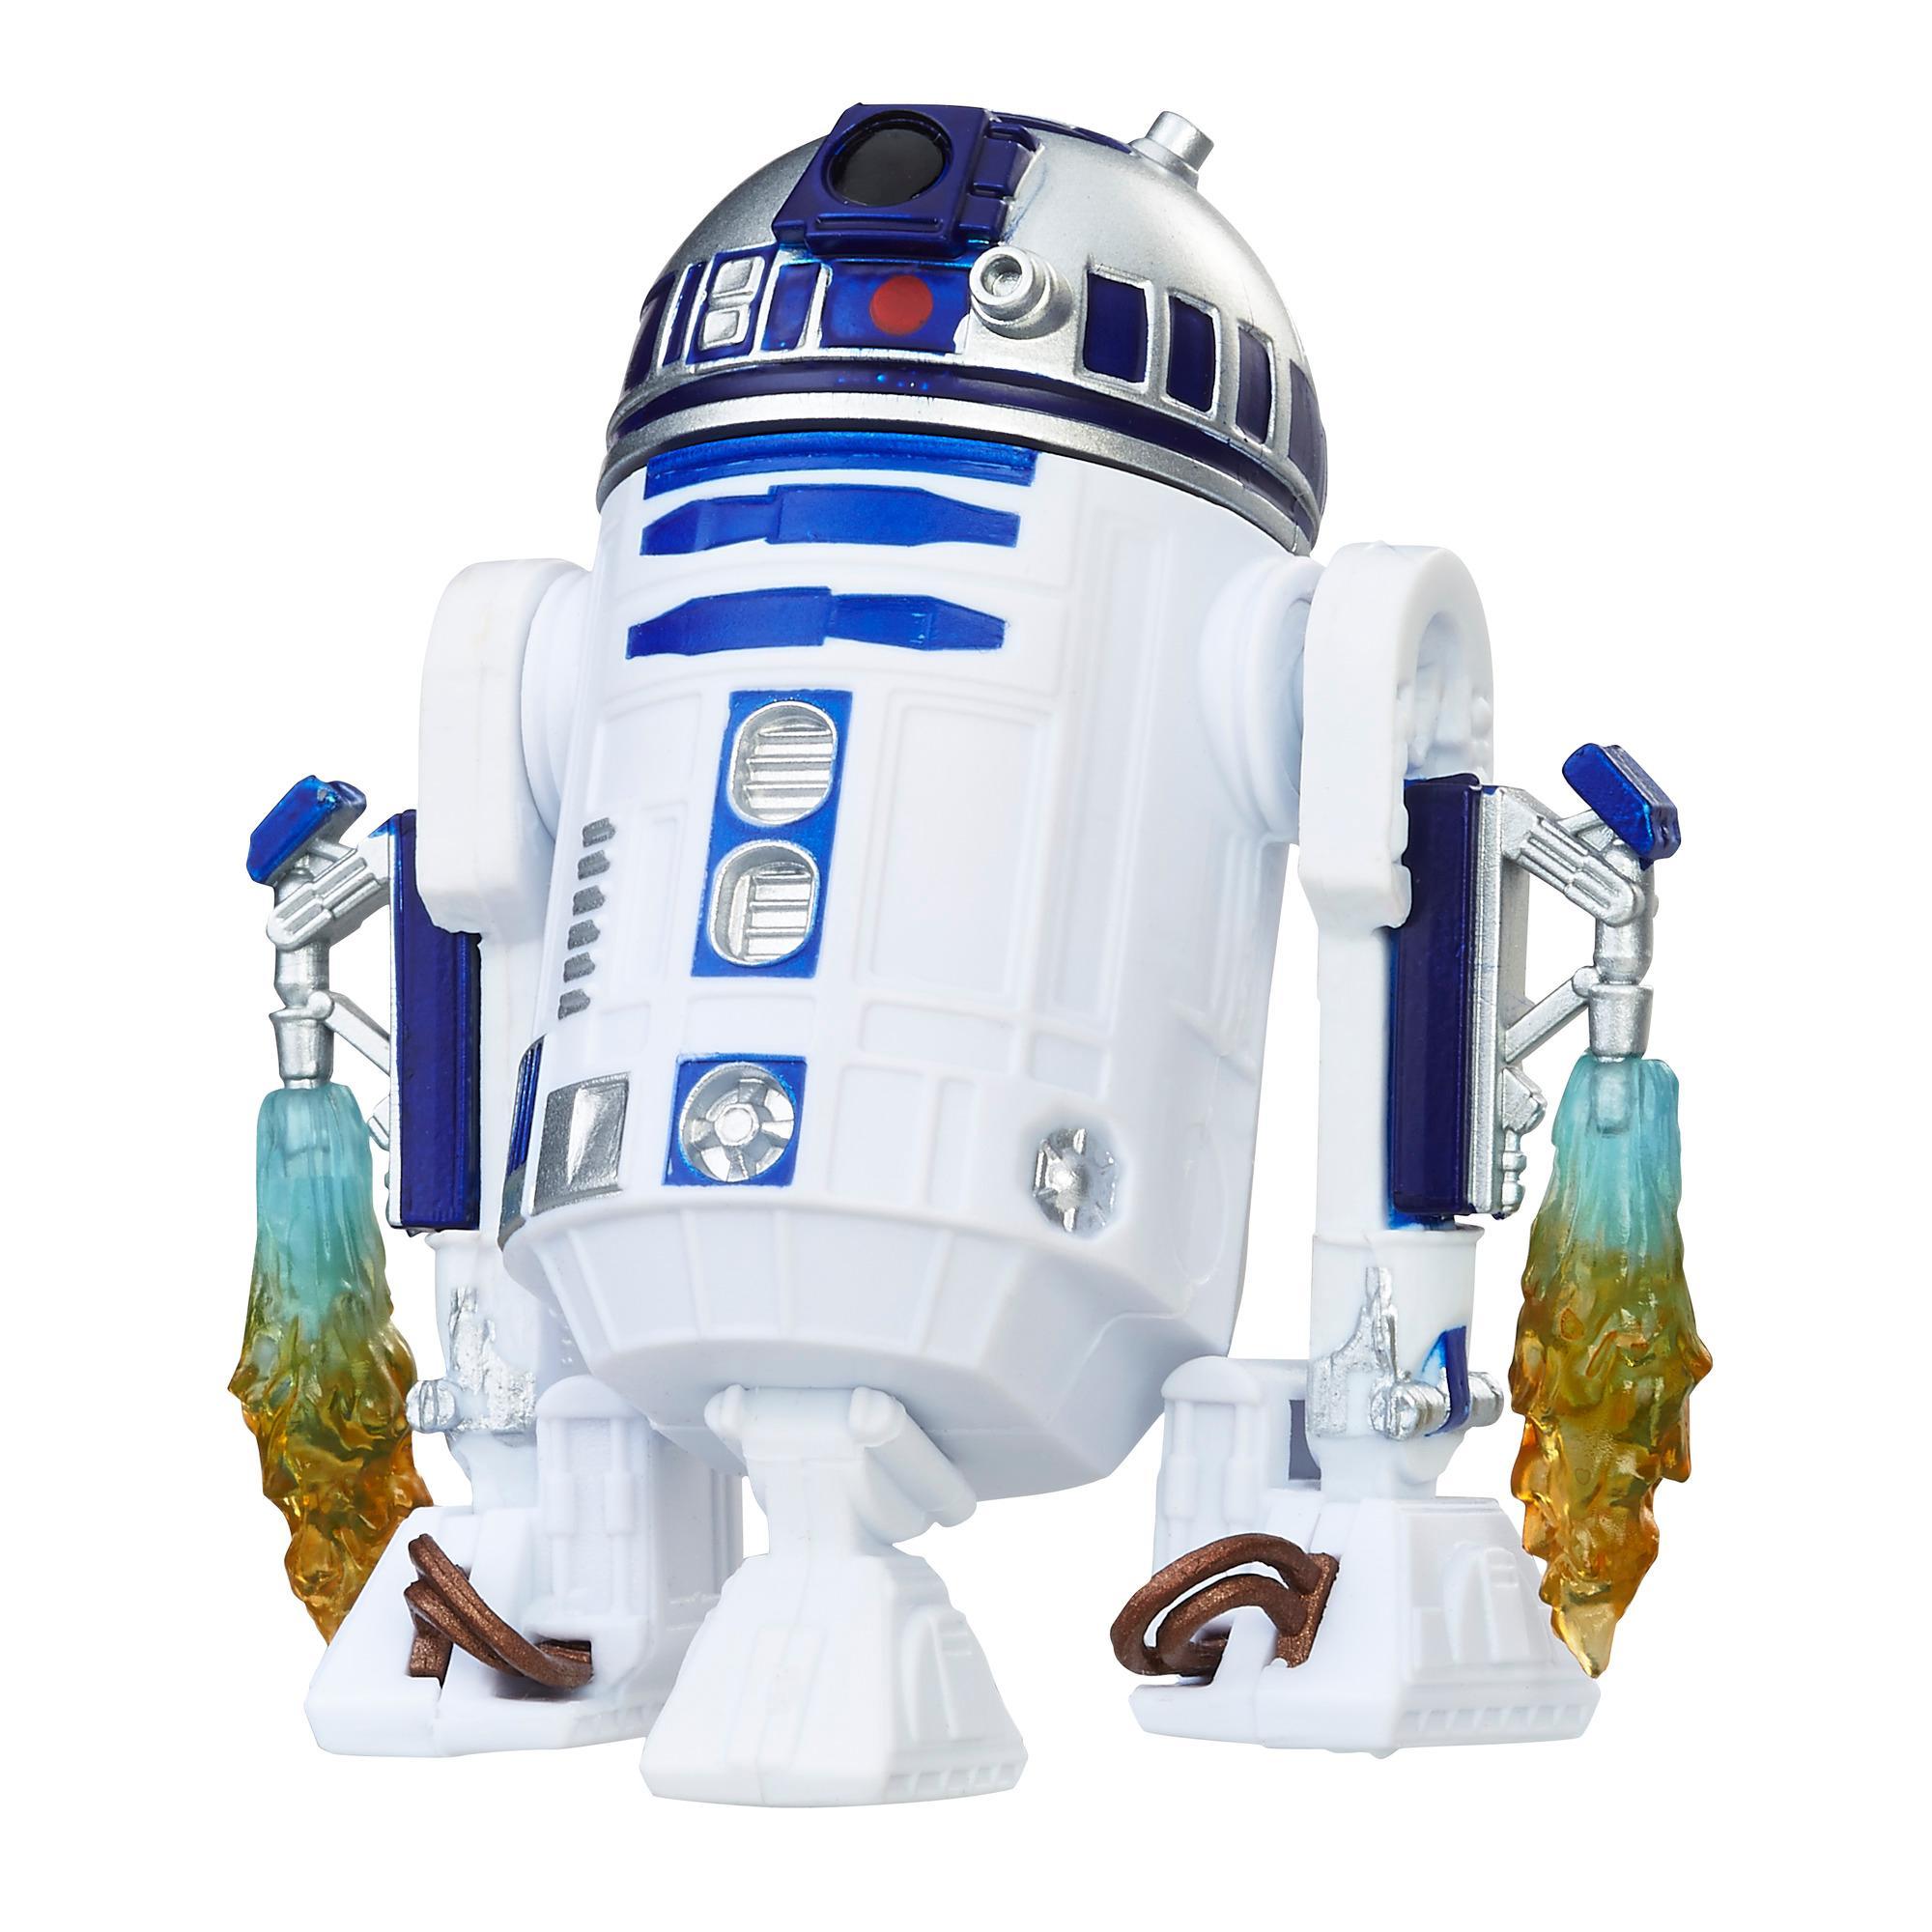 Star Wars - Figurine R2-D2 avec Force Link